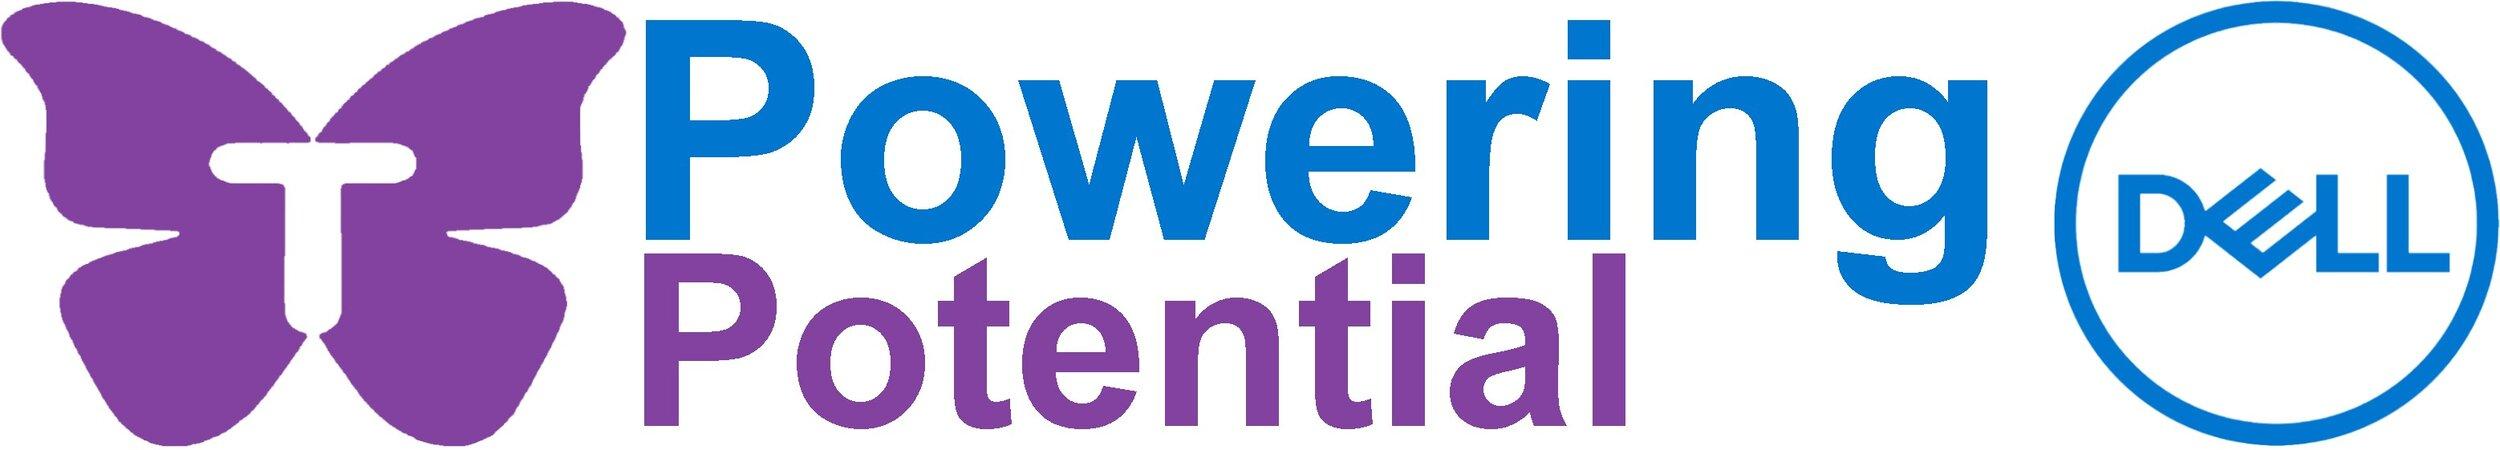 Powering Potential Logo 1.jpg